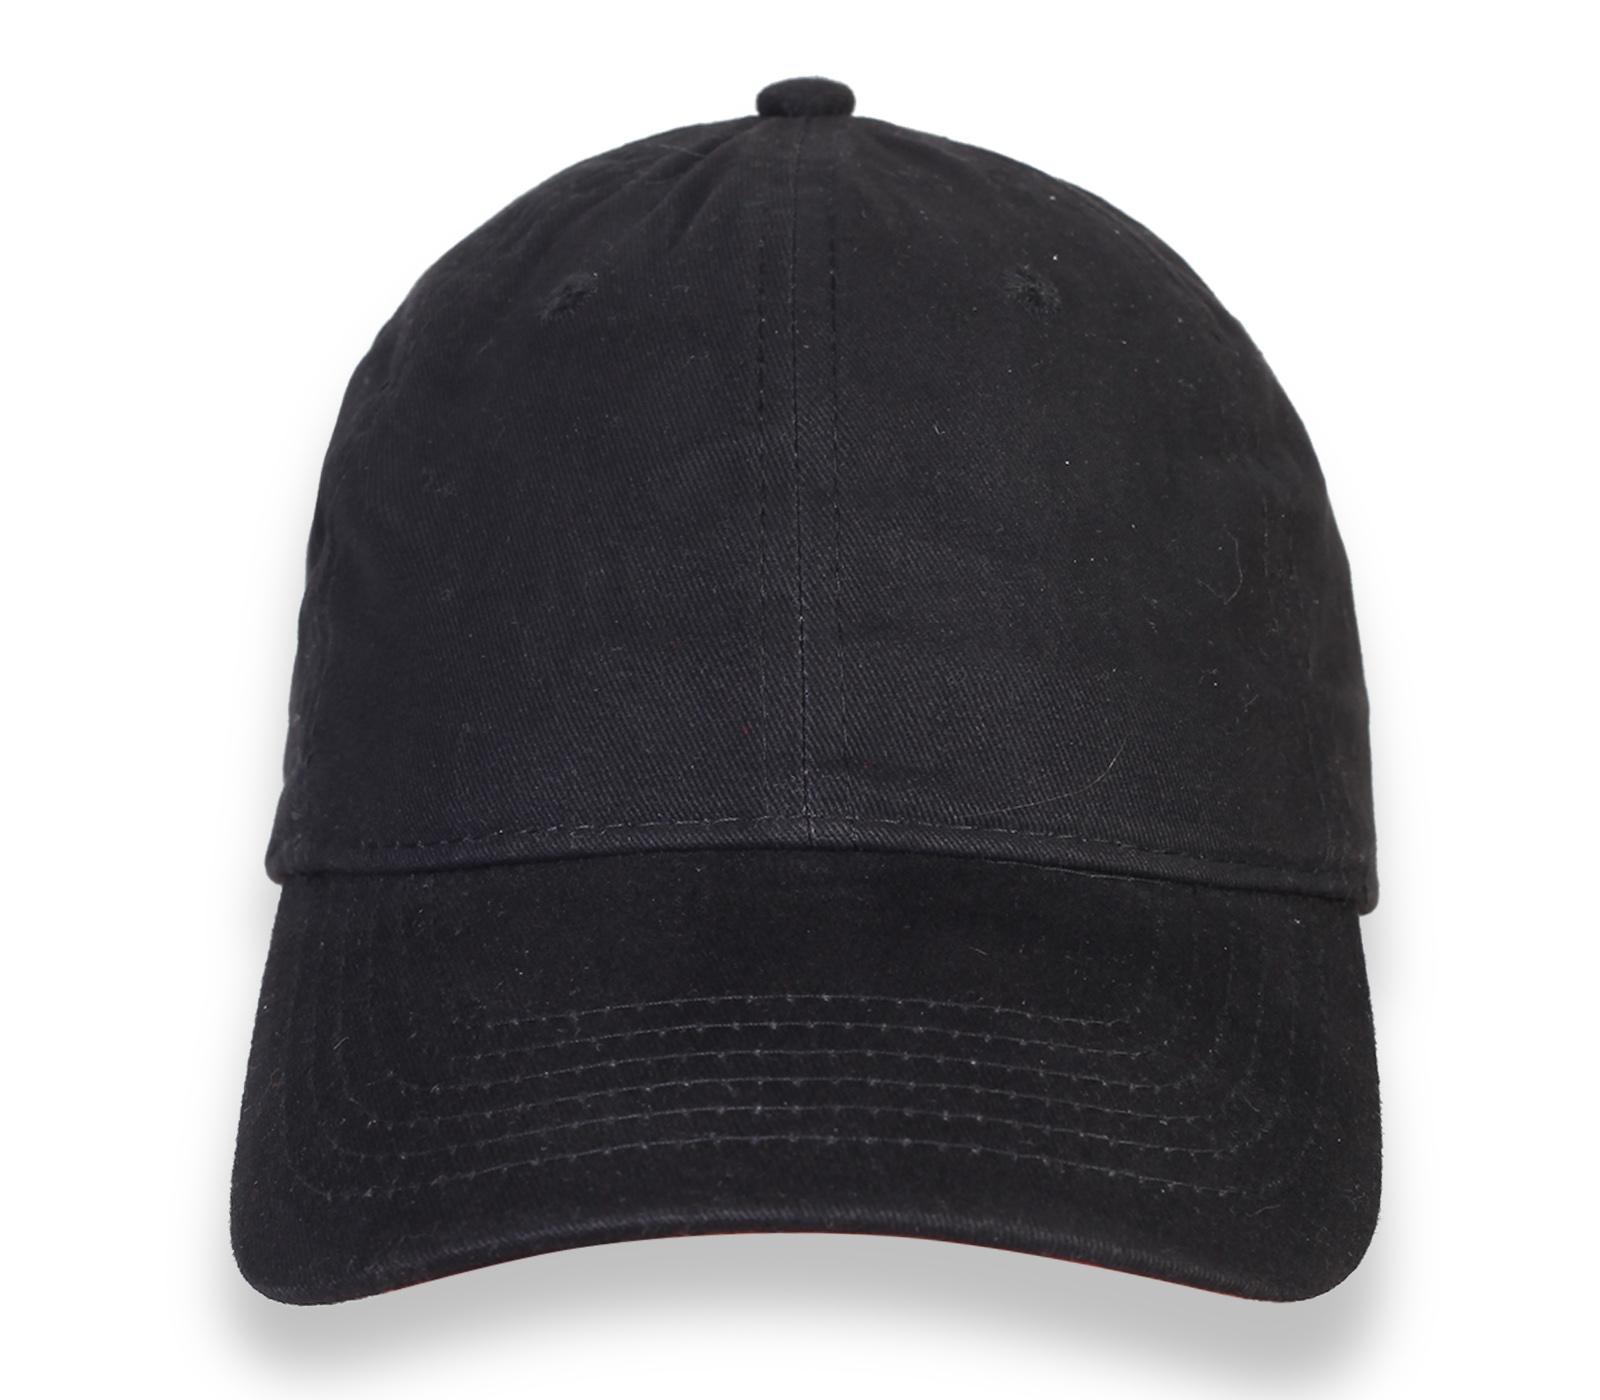 Качественные хлопковые кепки и бейсболки под нанесение